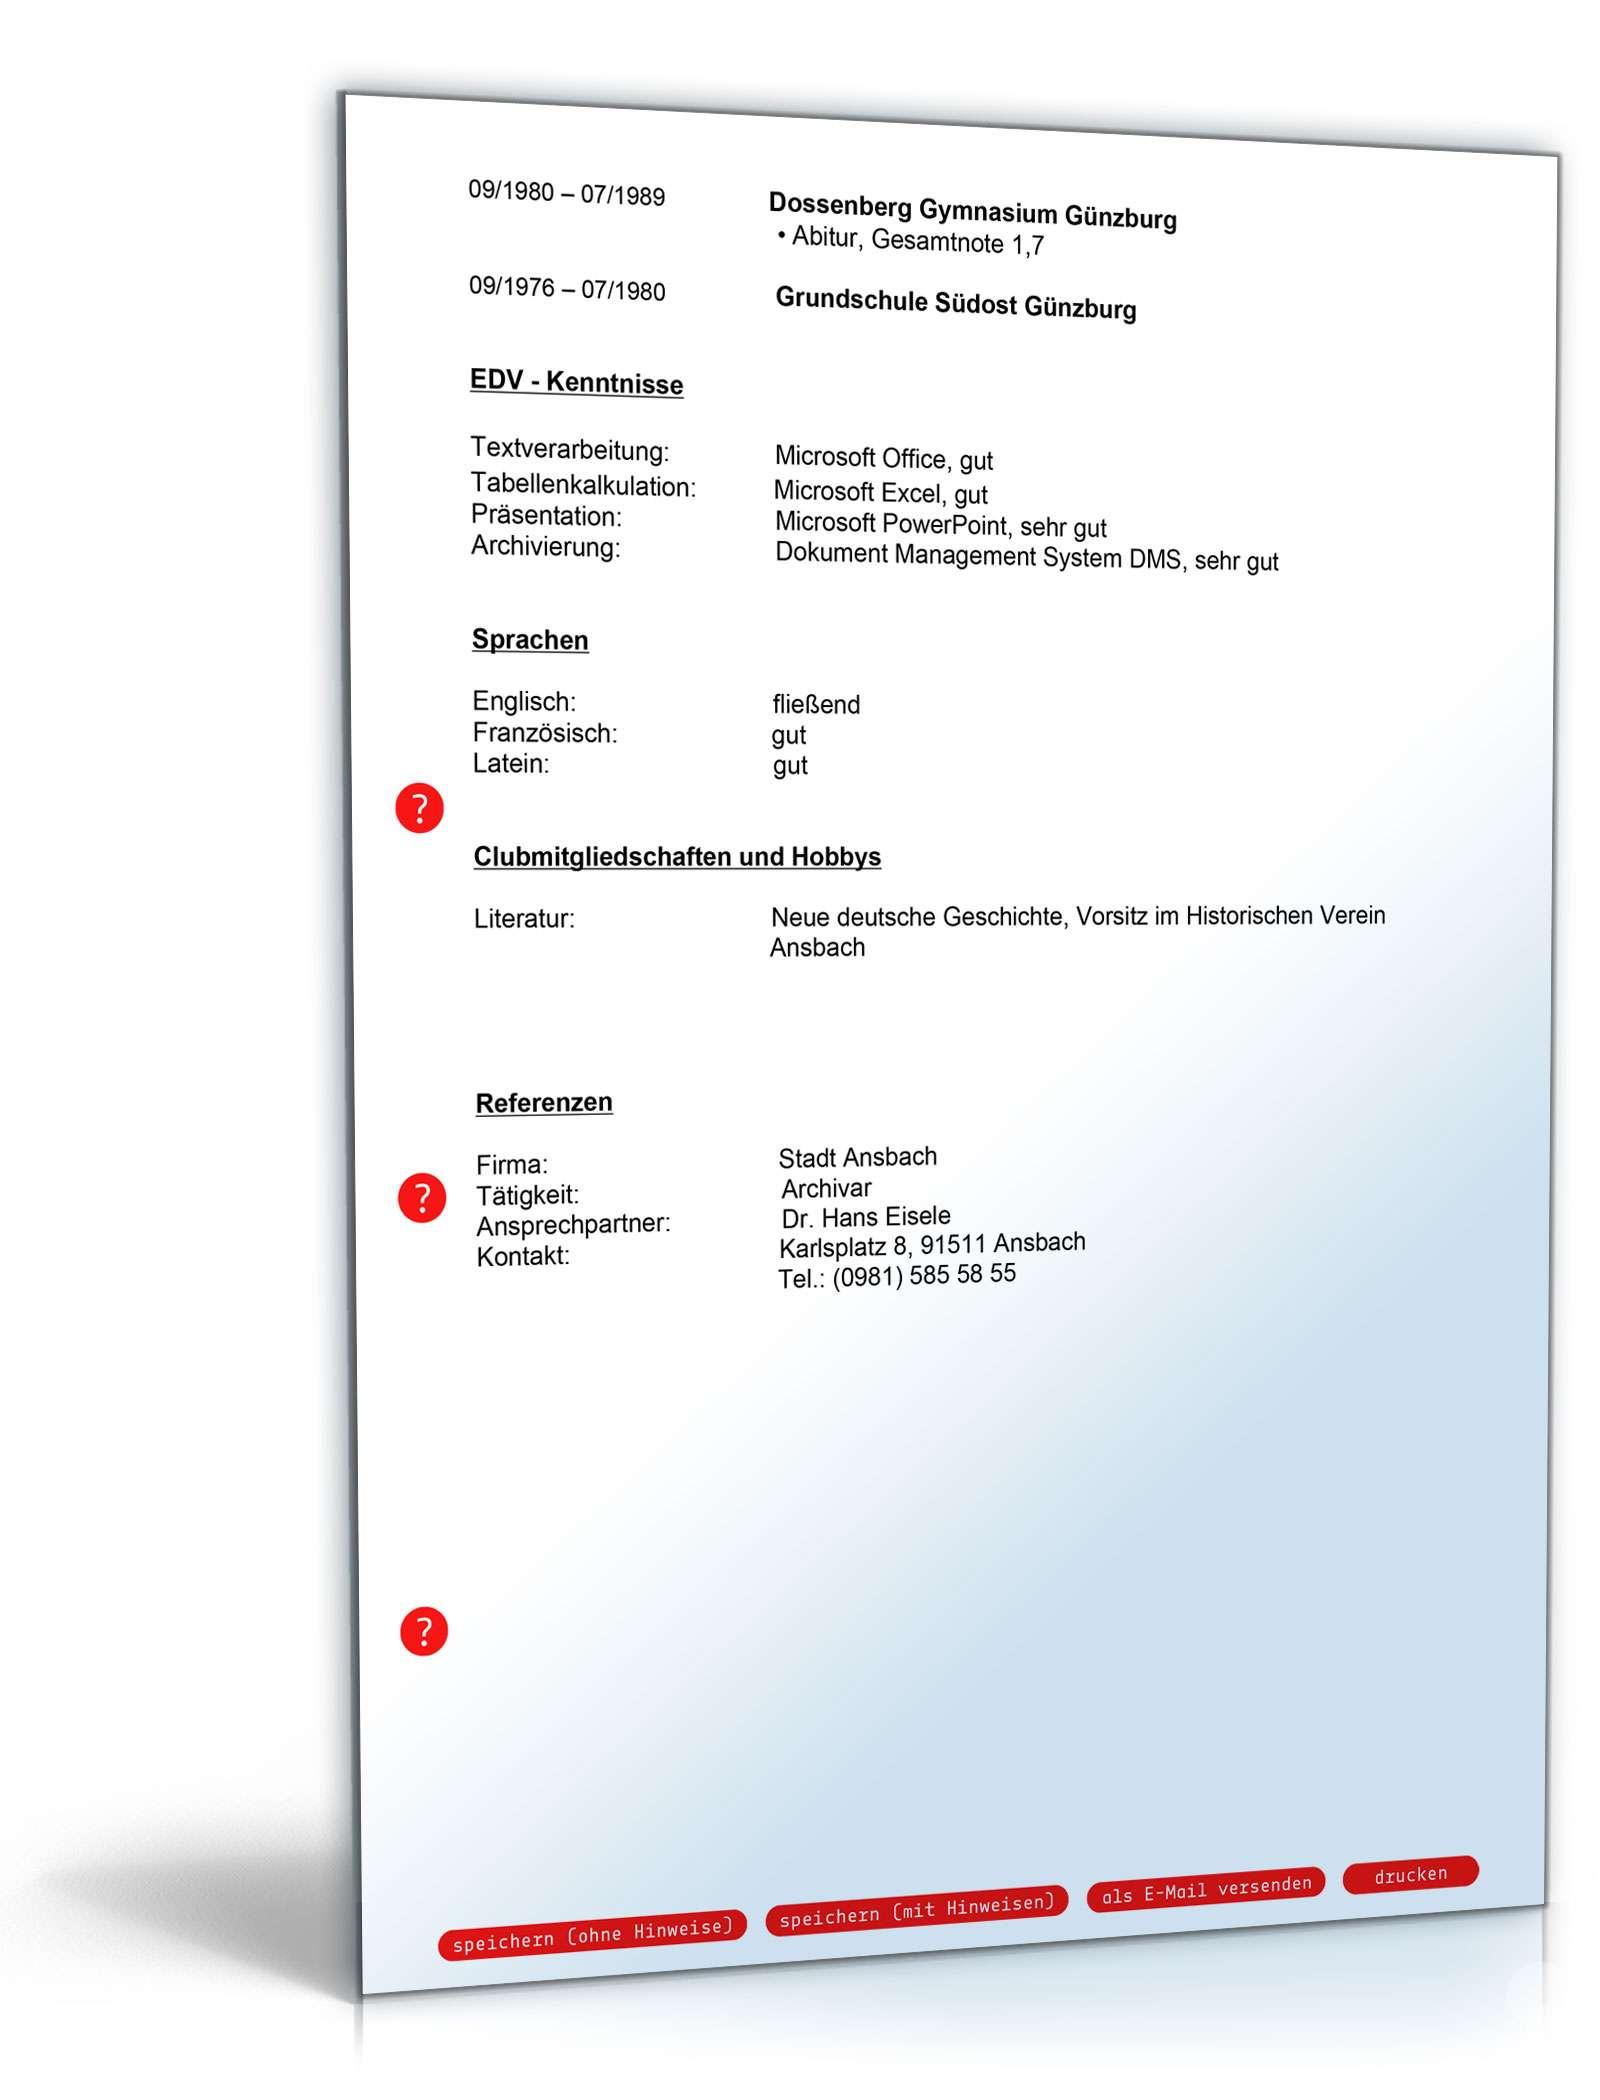 Ausgezeichnet Phlebotomie Techniker Lebenslauf Probe Ideen - Entry ...